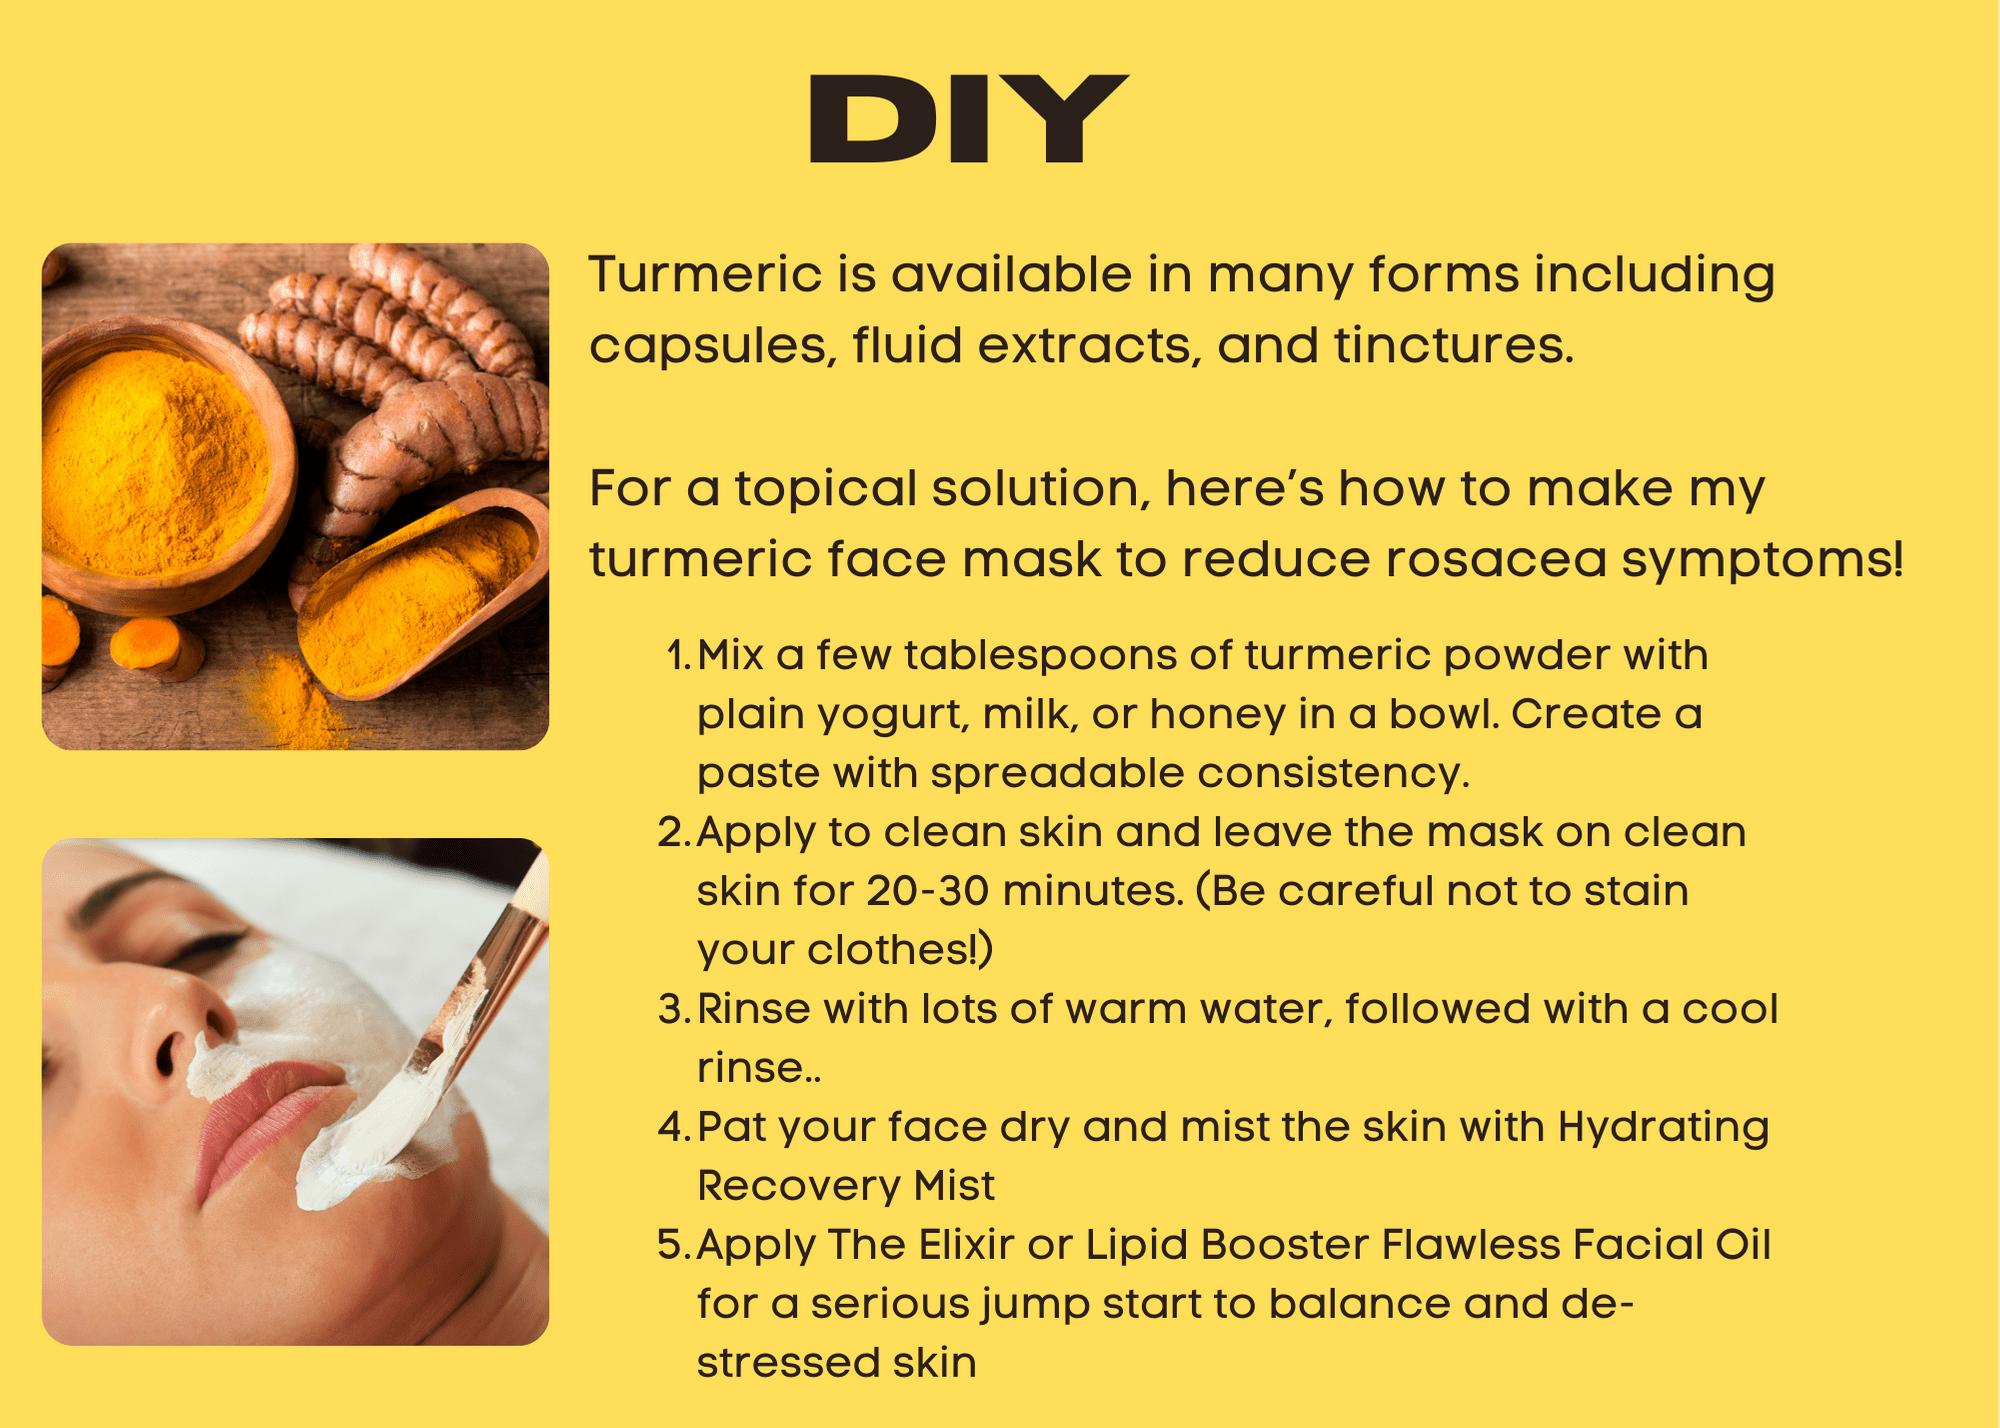 DIY Turmeric Face mask to de-stress skin